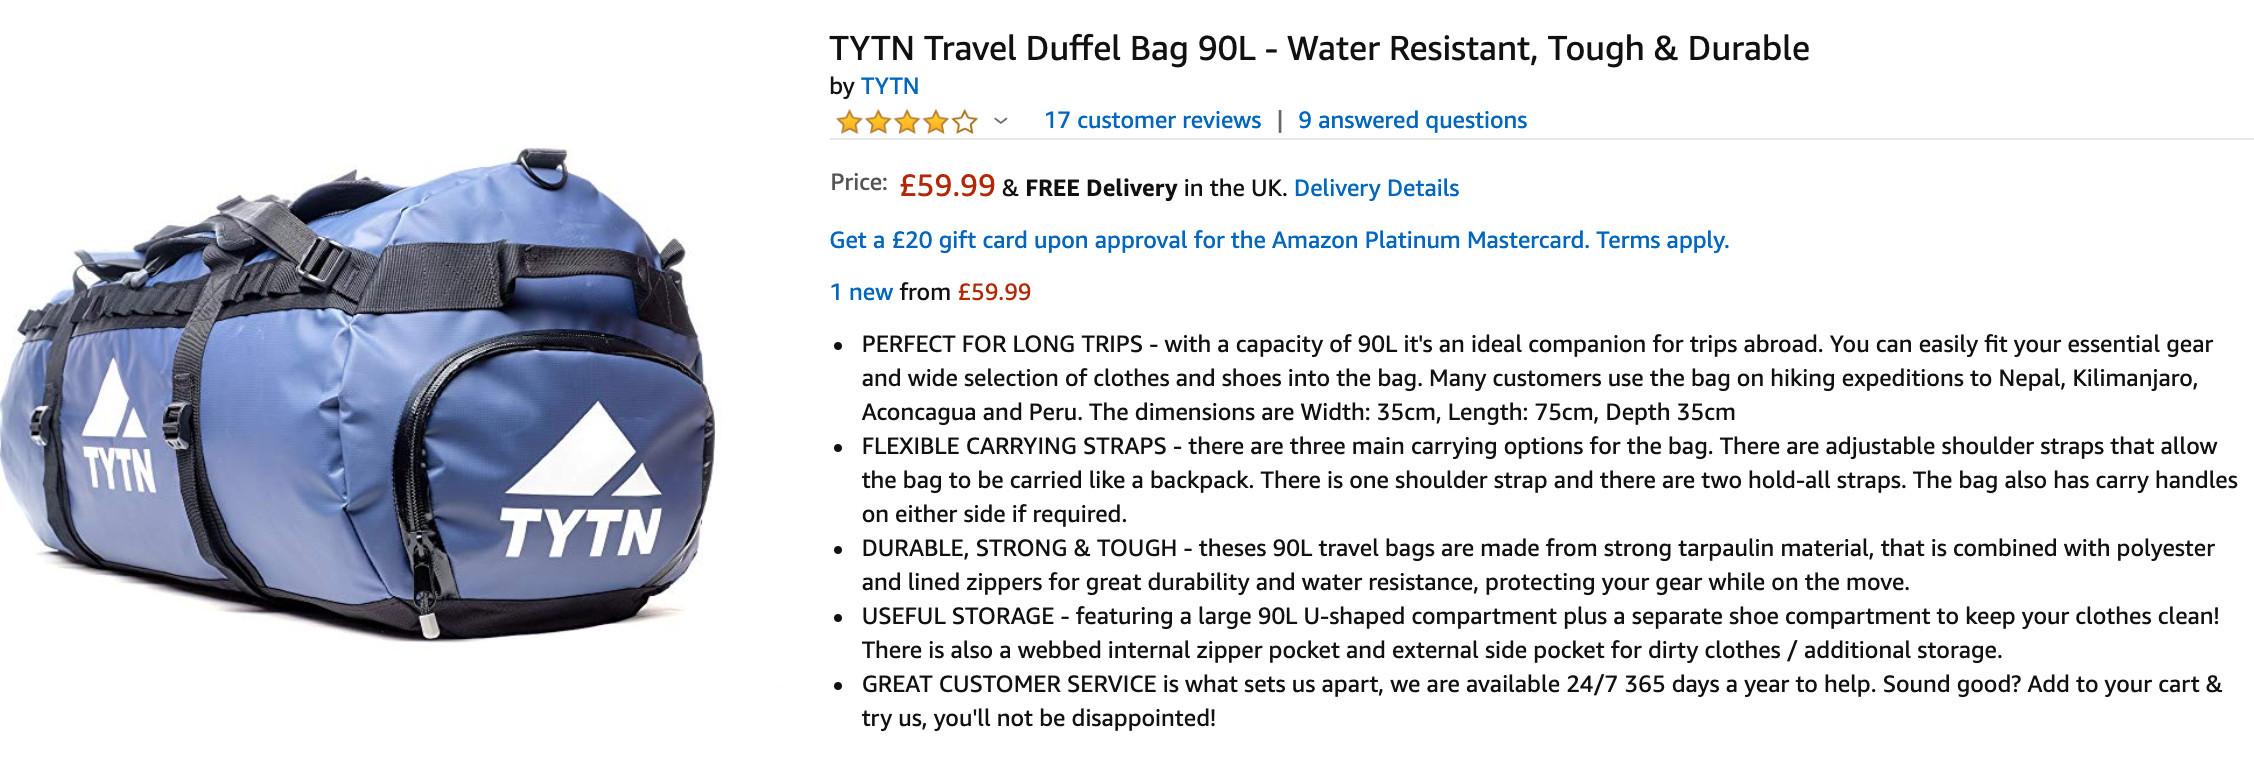 tytn product description